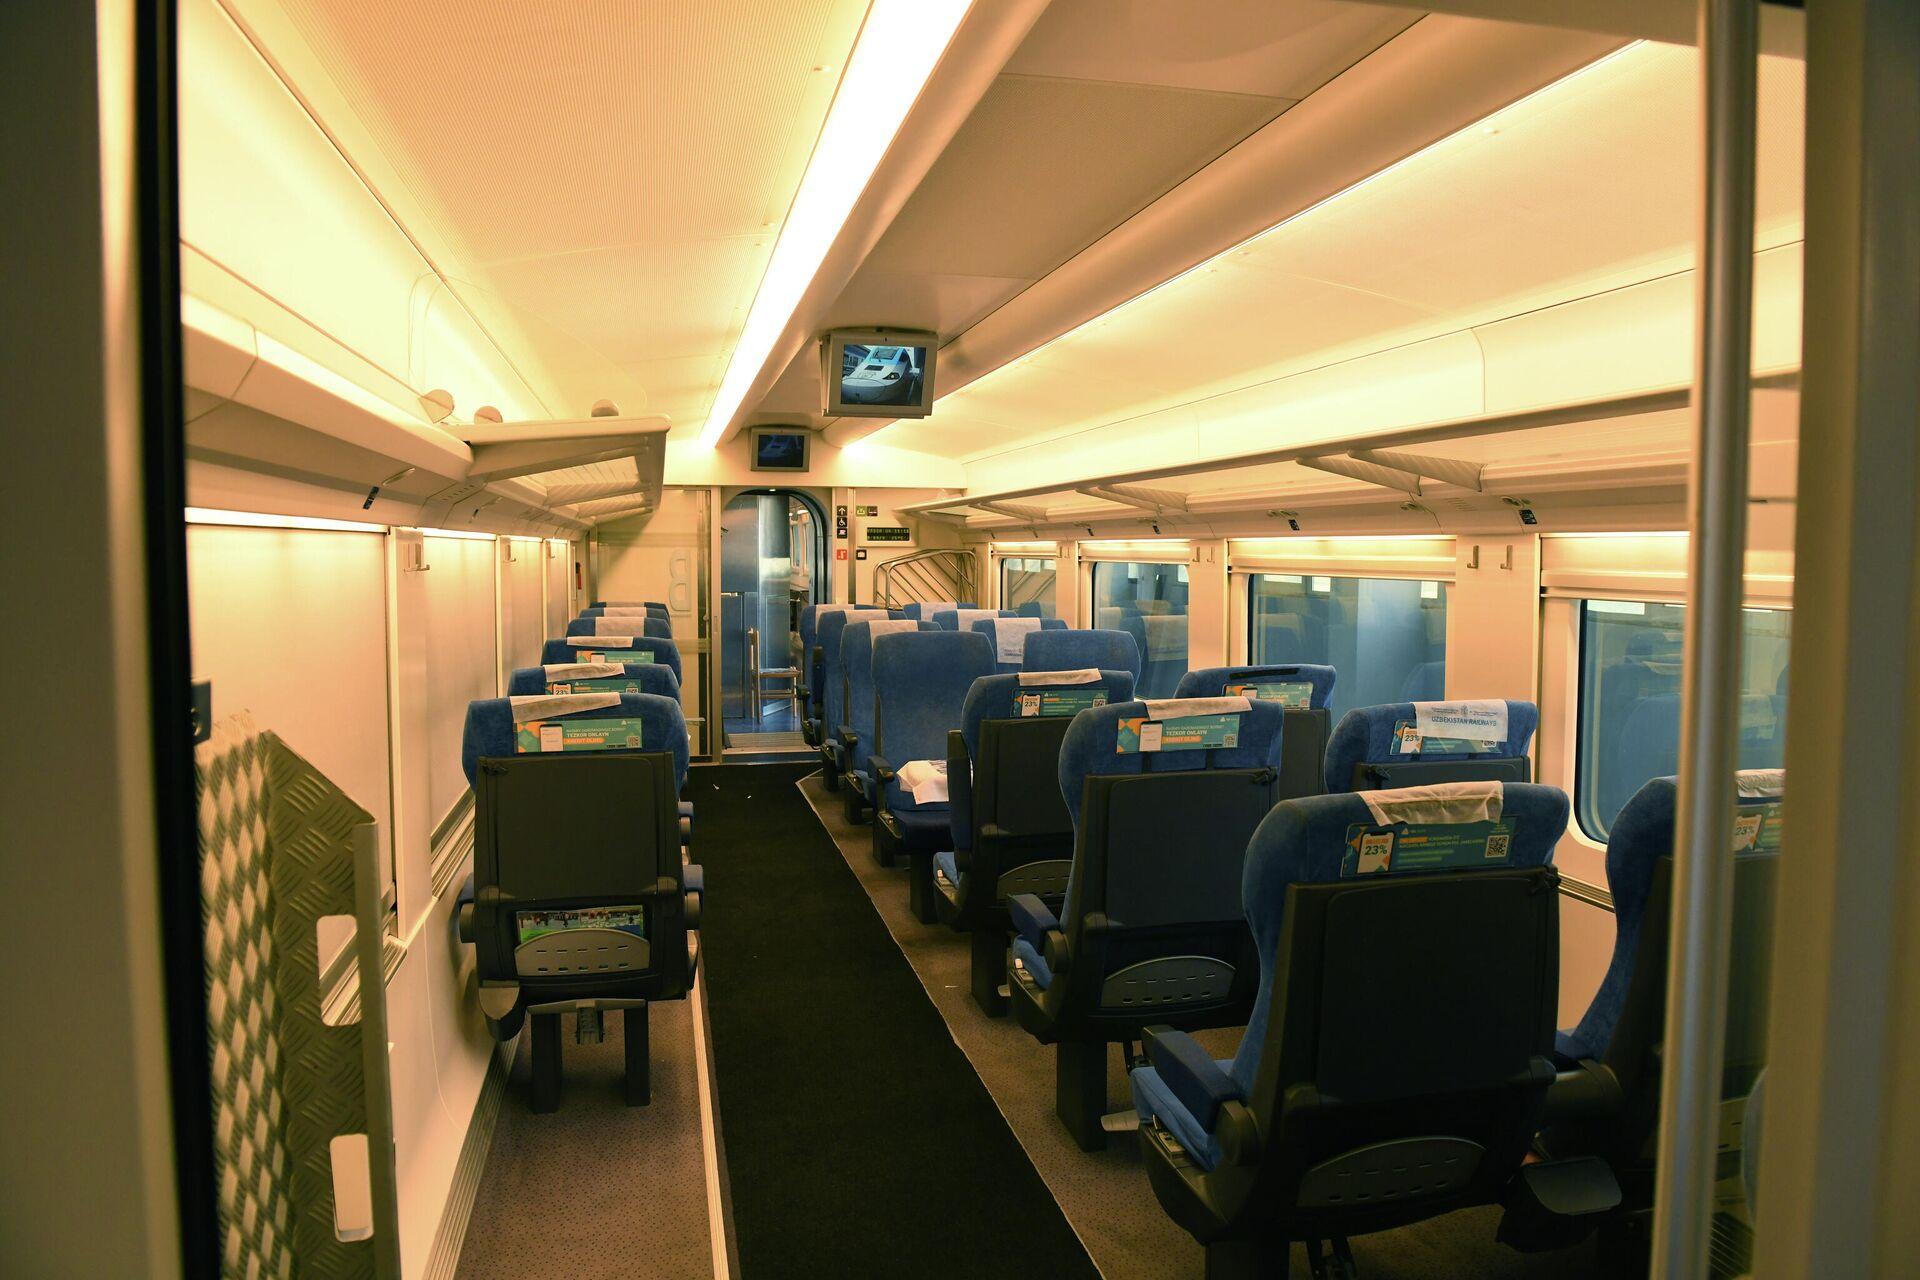 Узбекистан закупил новый поезд Afrosiyob - Sputnik Узбекистан, 1920, 17.09.2021